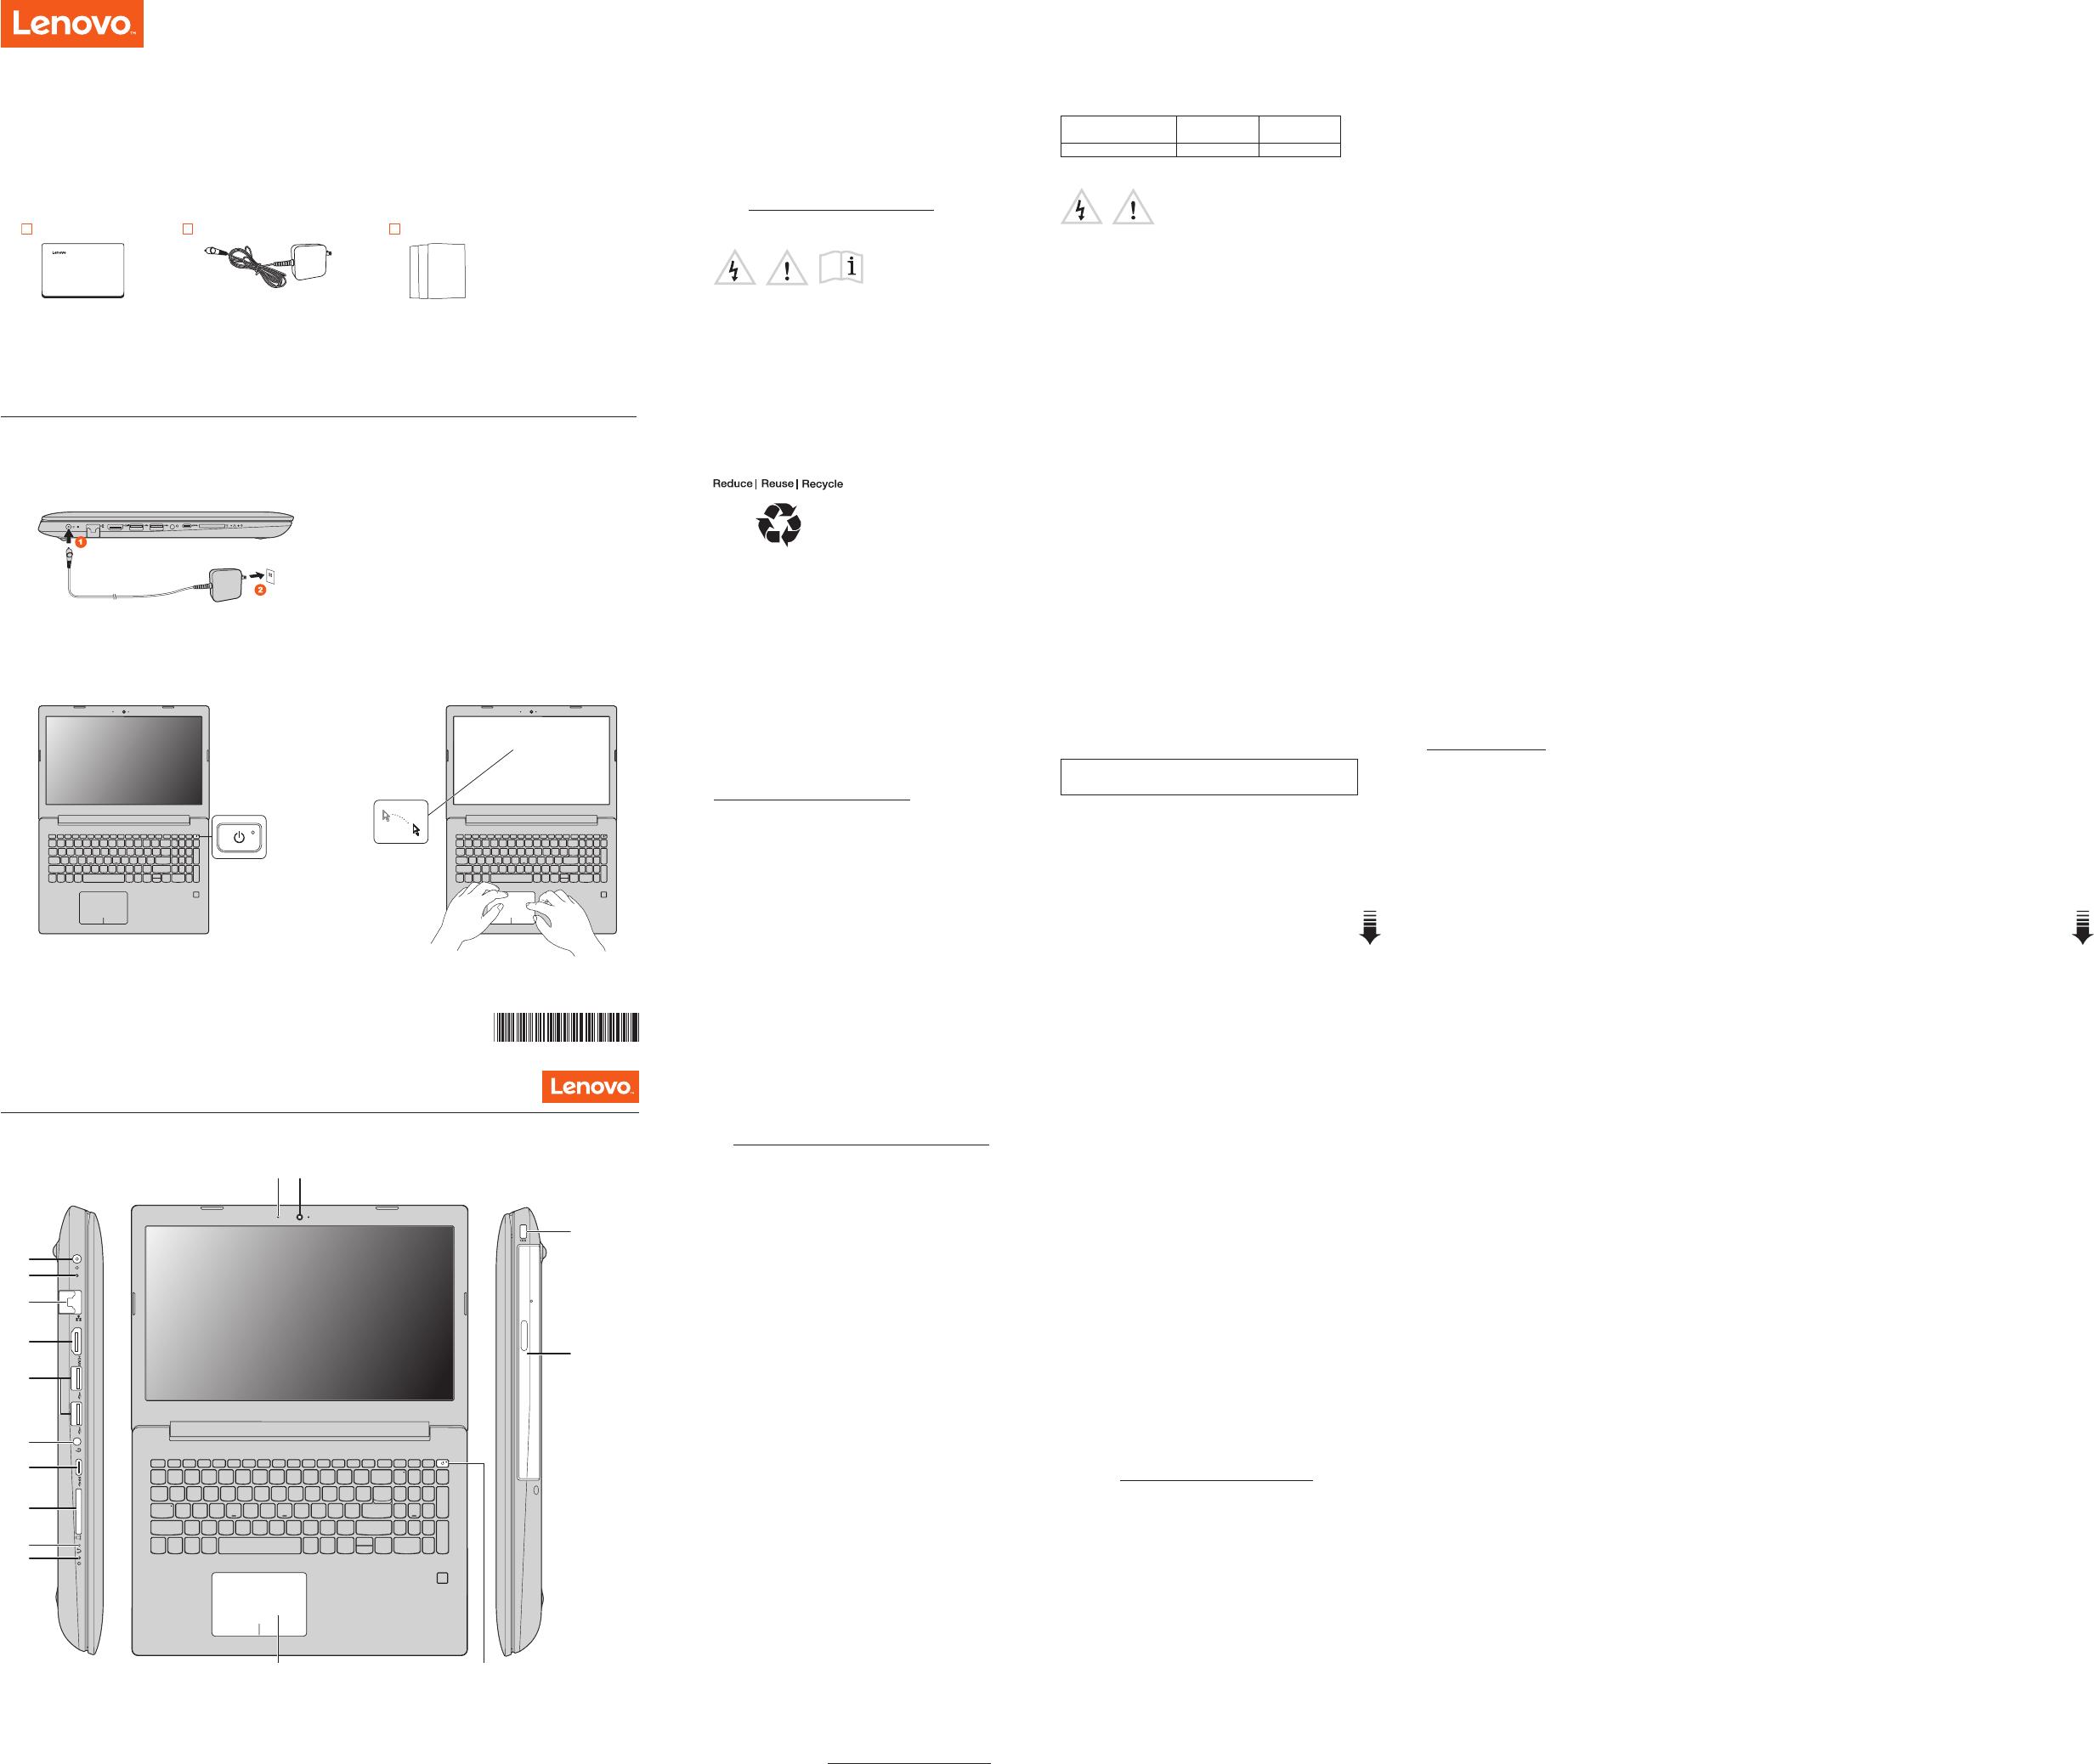 lenovo ideapad 320 manual pdf